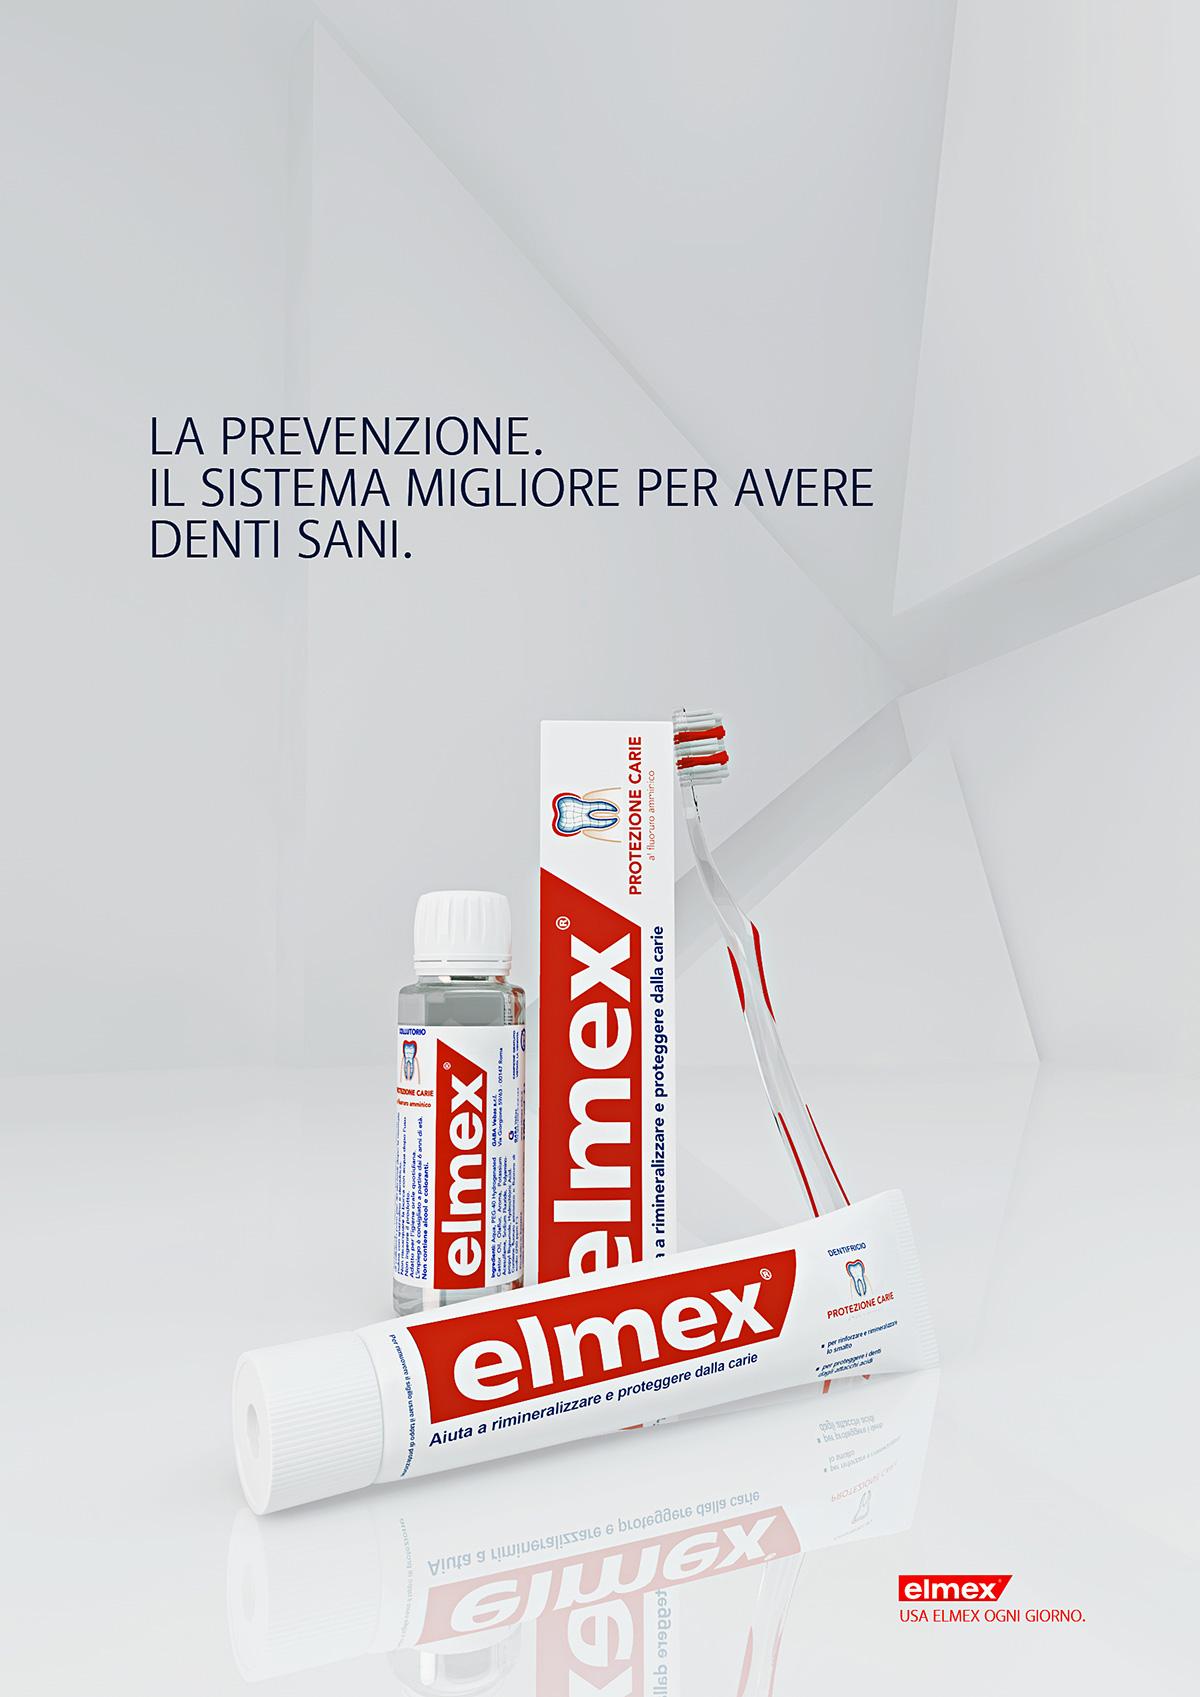 elmex_1